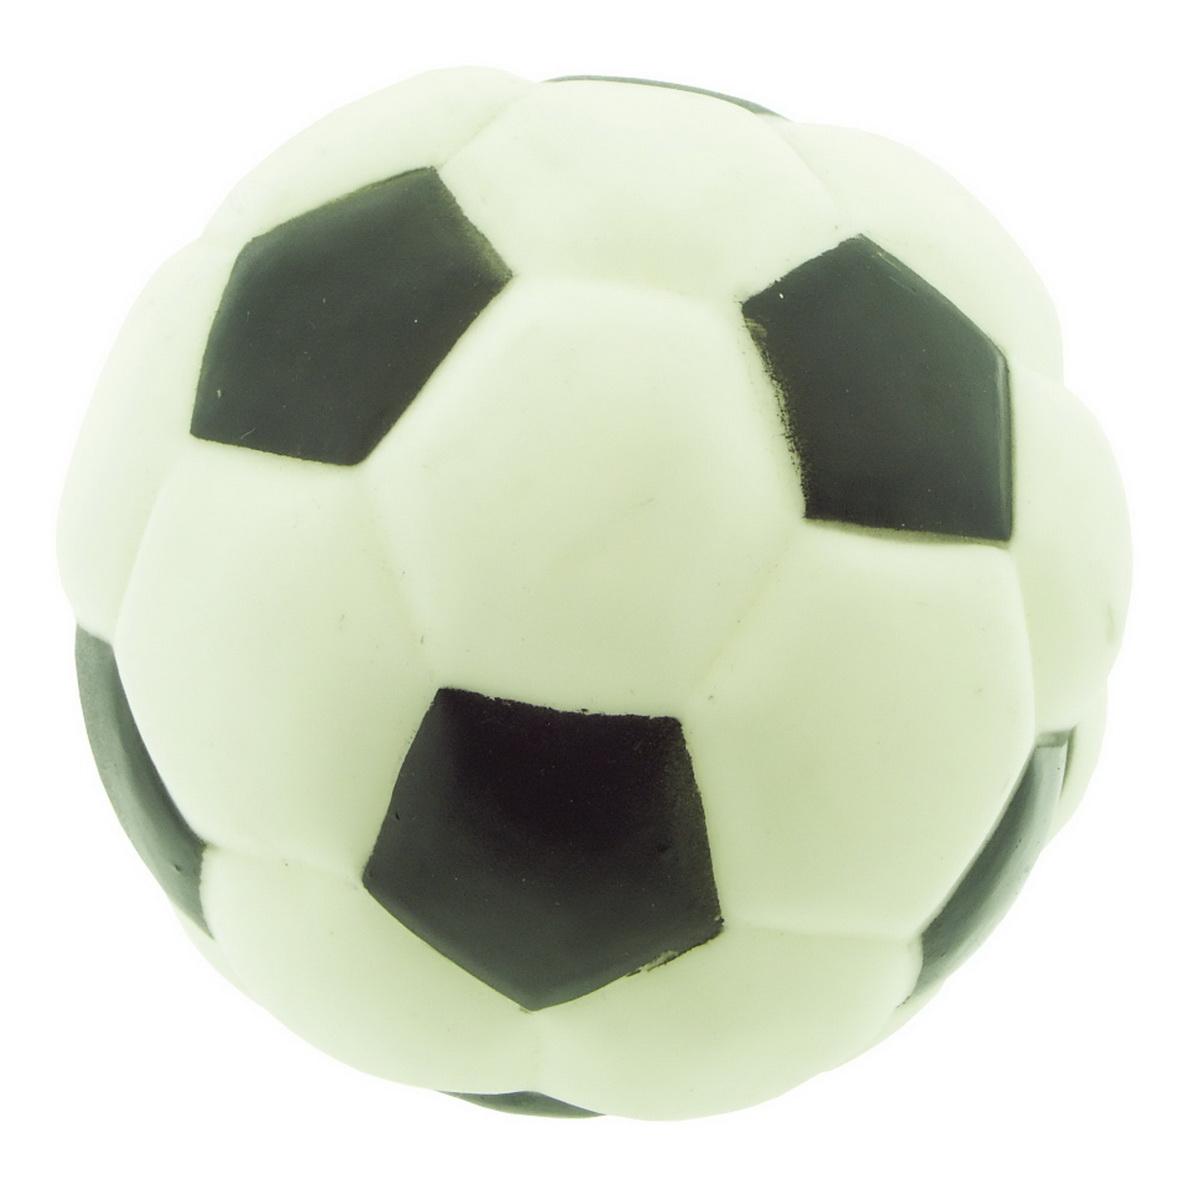 Игрушка для собак Dezzie Мяч. Футбол, диаметр 10,8 см игрушка fauna international firt 0022 мяч на верёвке 40cm для собак 52021